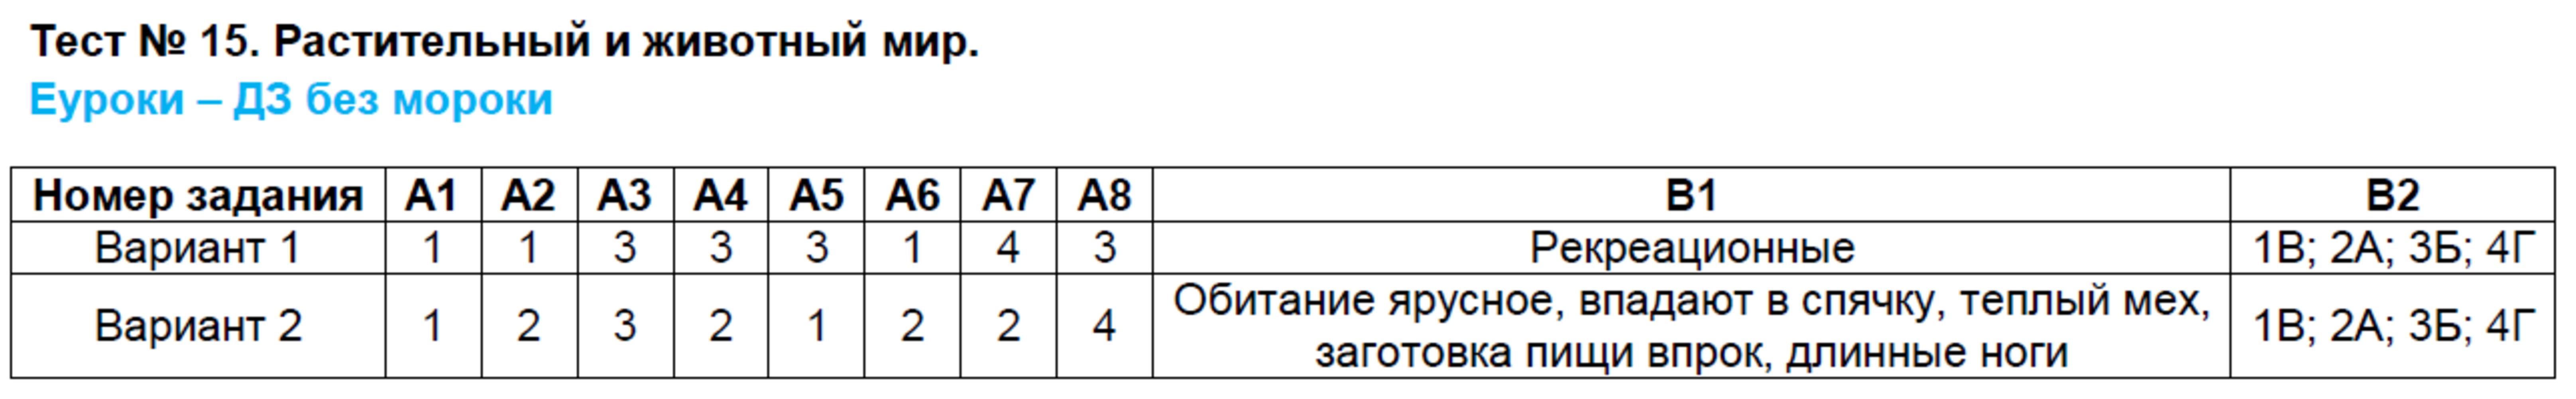 ГДЗ по географии 8 класс контрольно-измерительные материалы Жижина. Задание: Тест 15. Растительный и животный мир